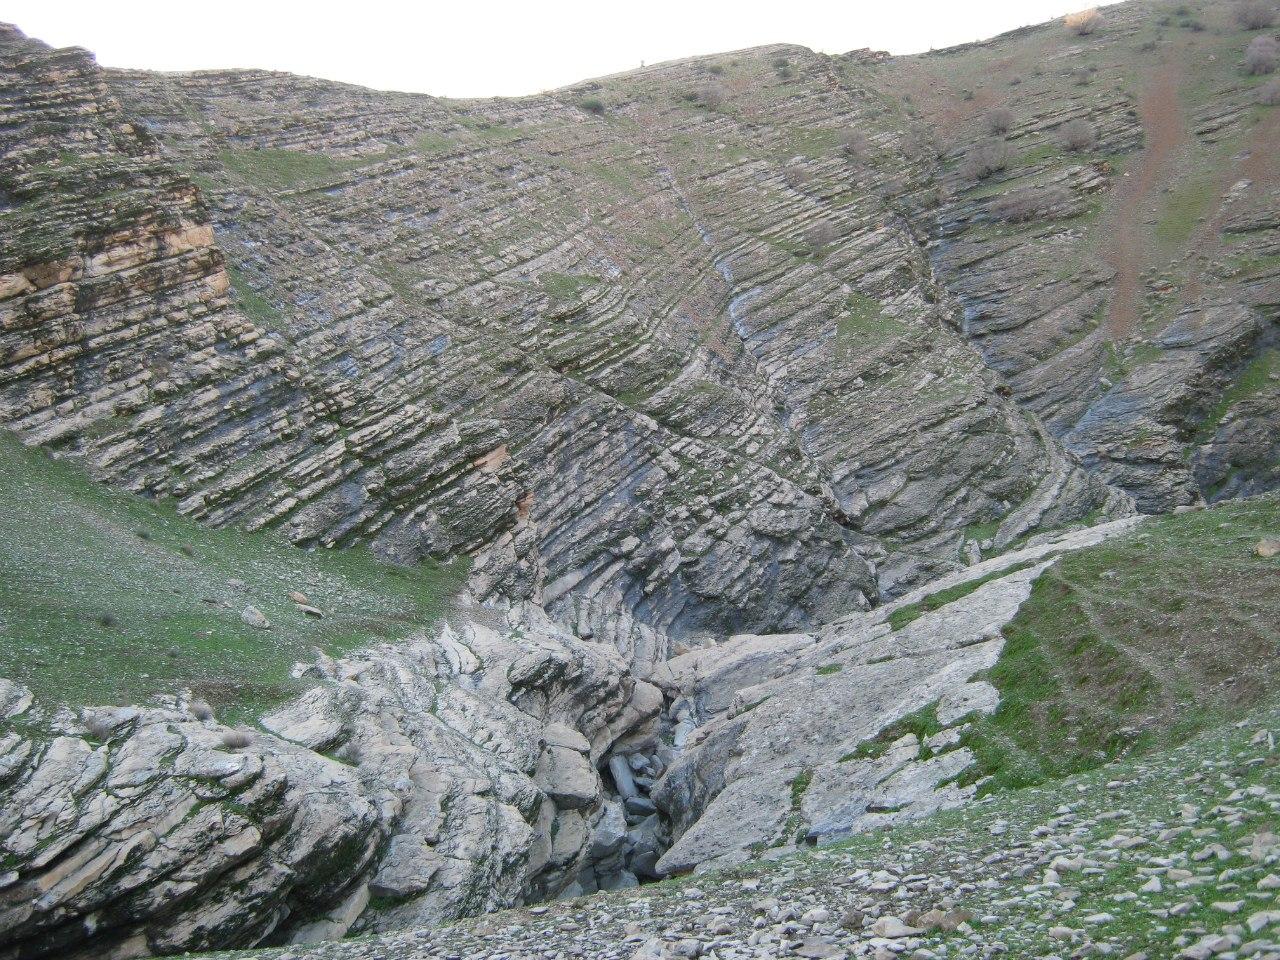 красивый геологический разрез около Даррех Шахр